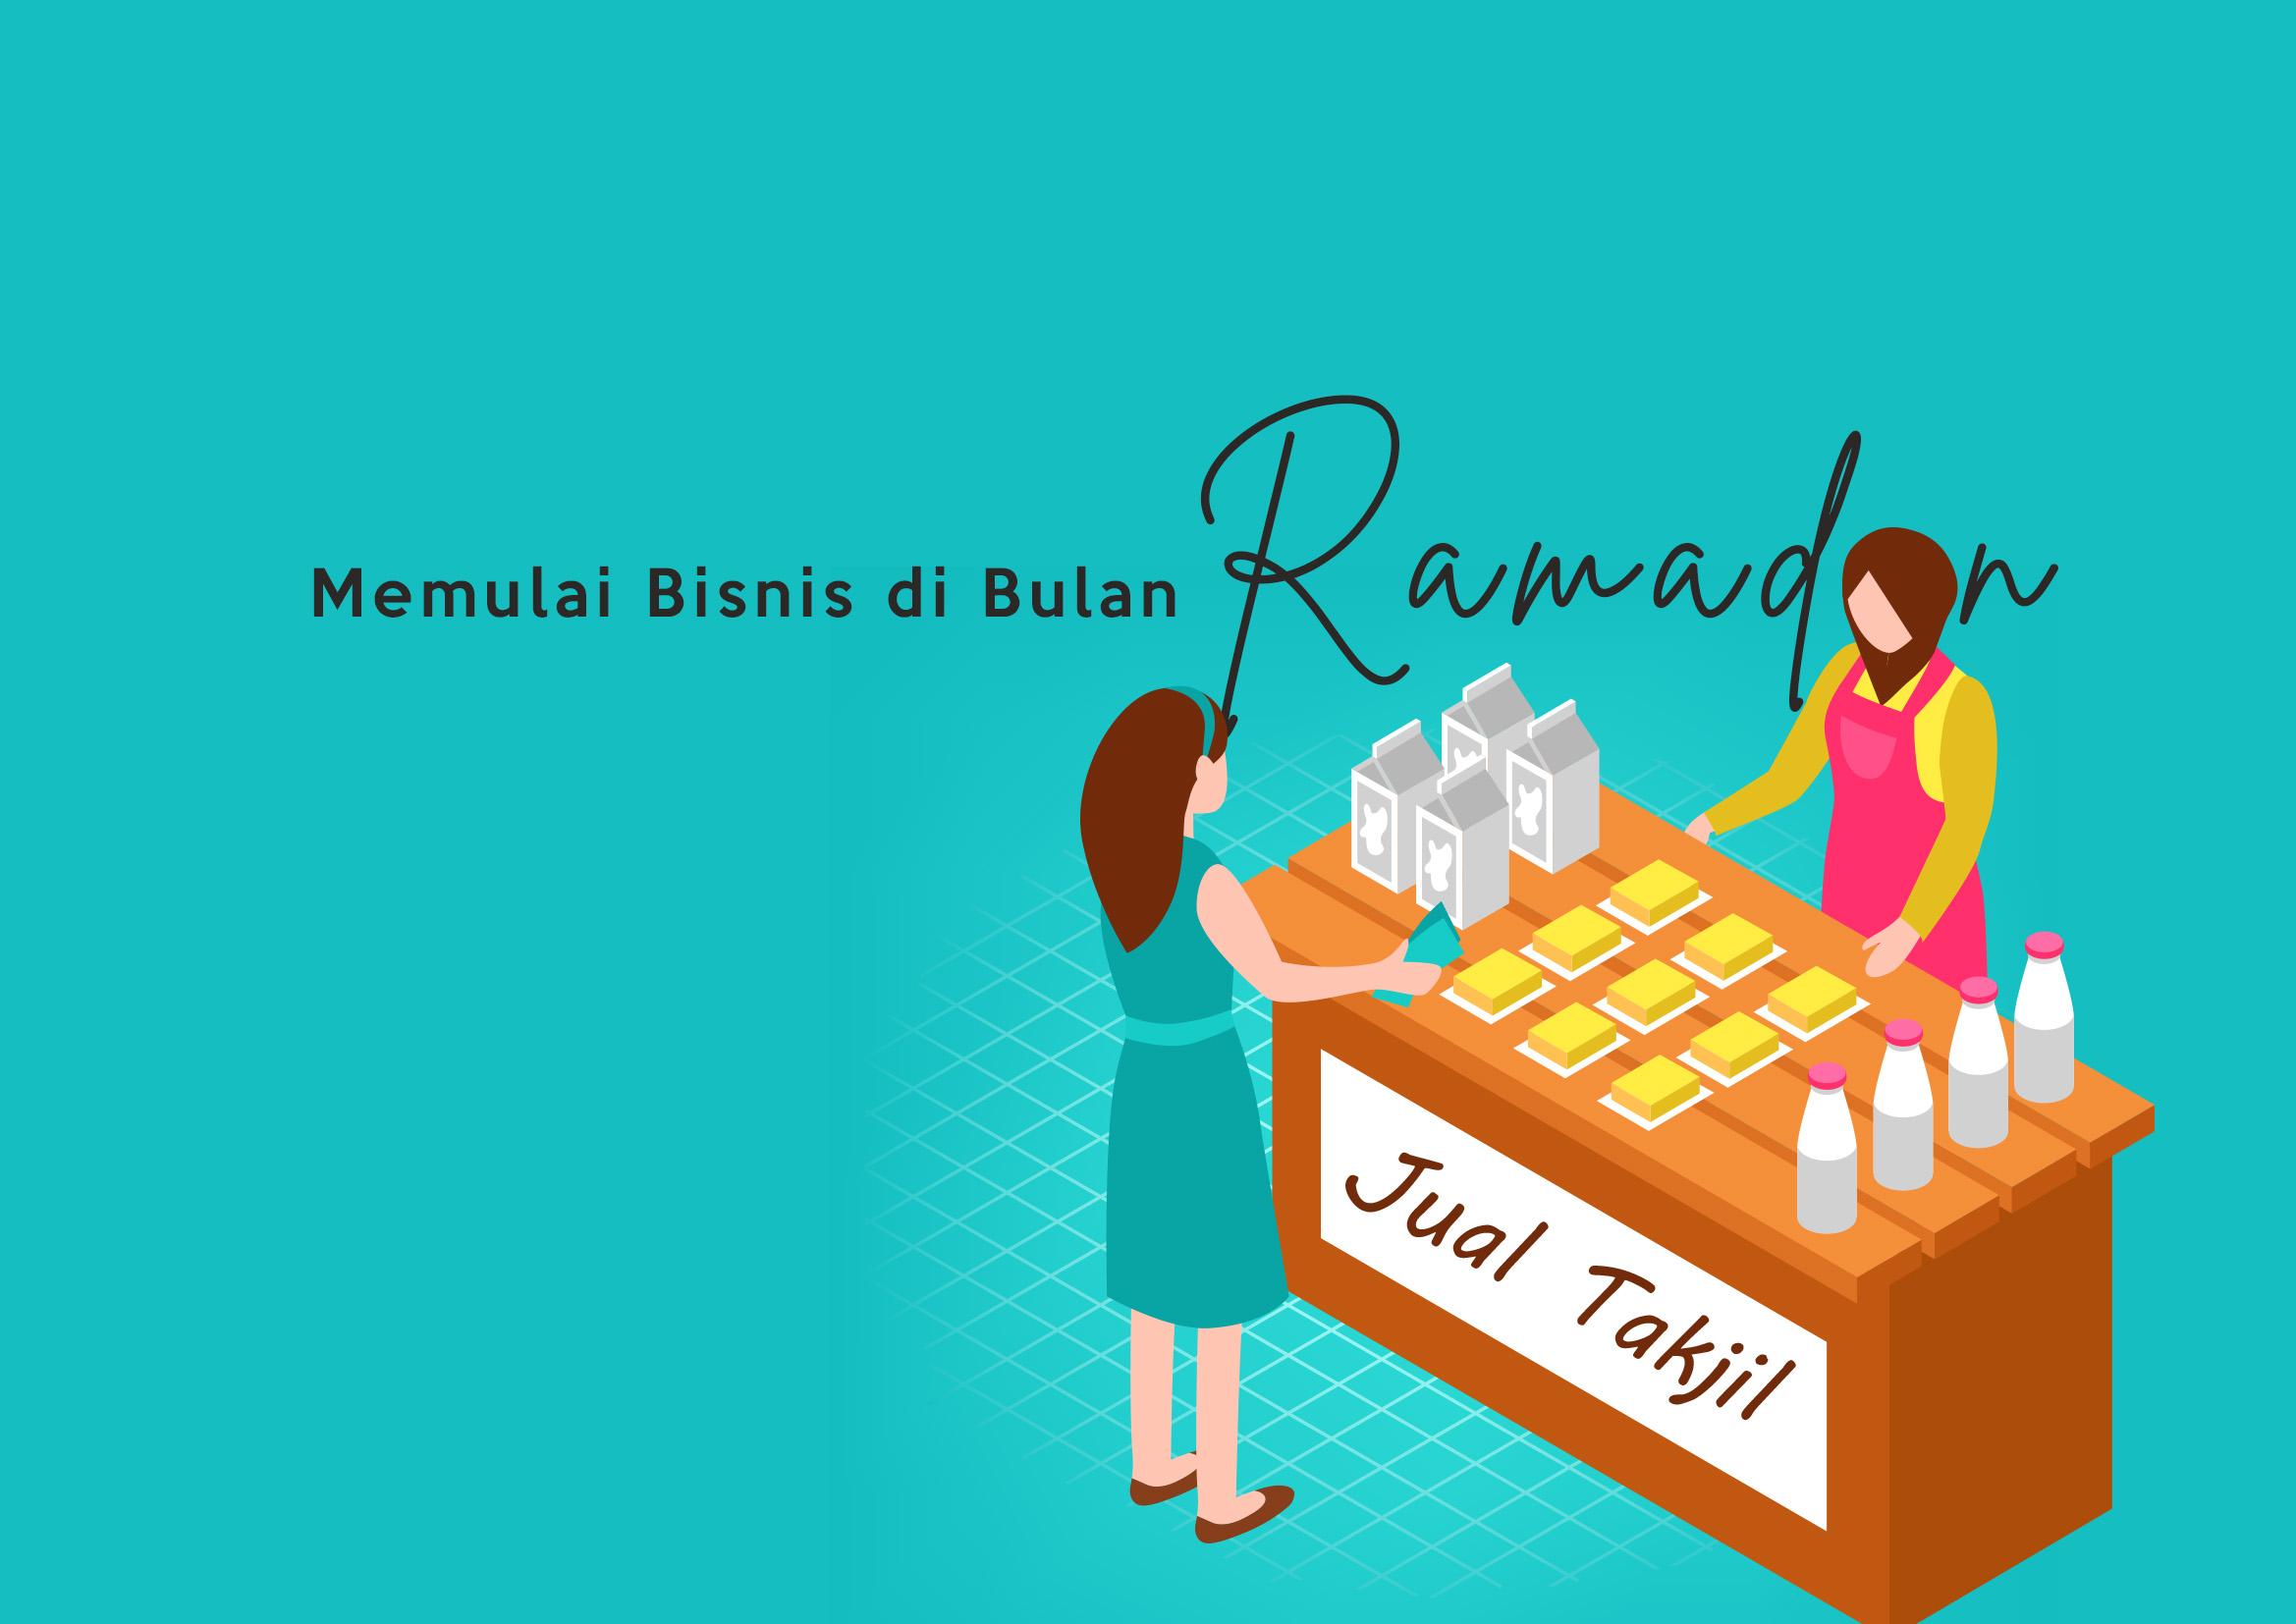 Memulai Bisnis Di Bulan Ramadhan - Blog Sentra Billing